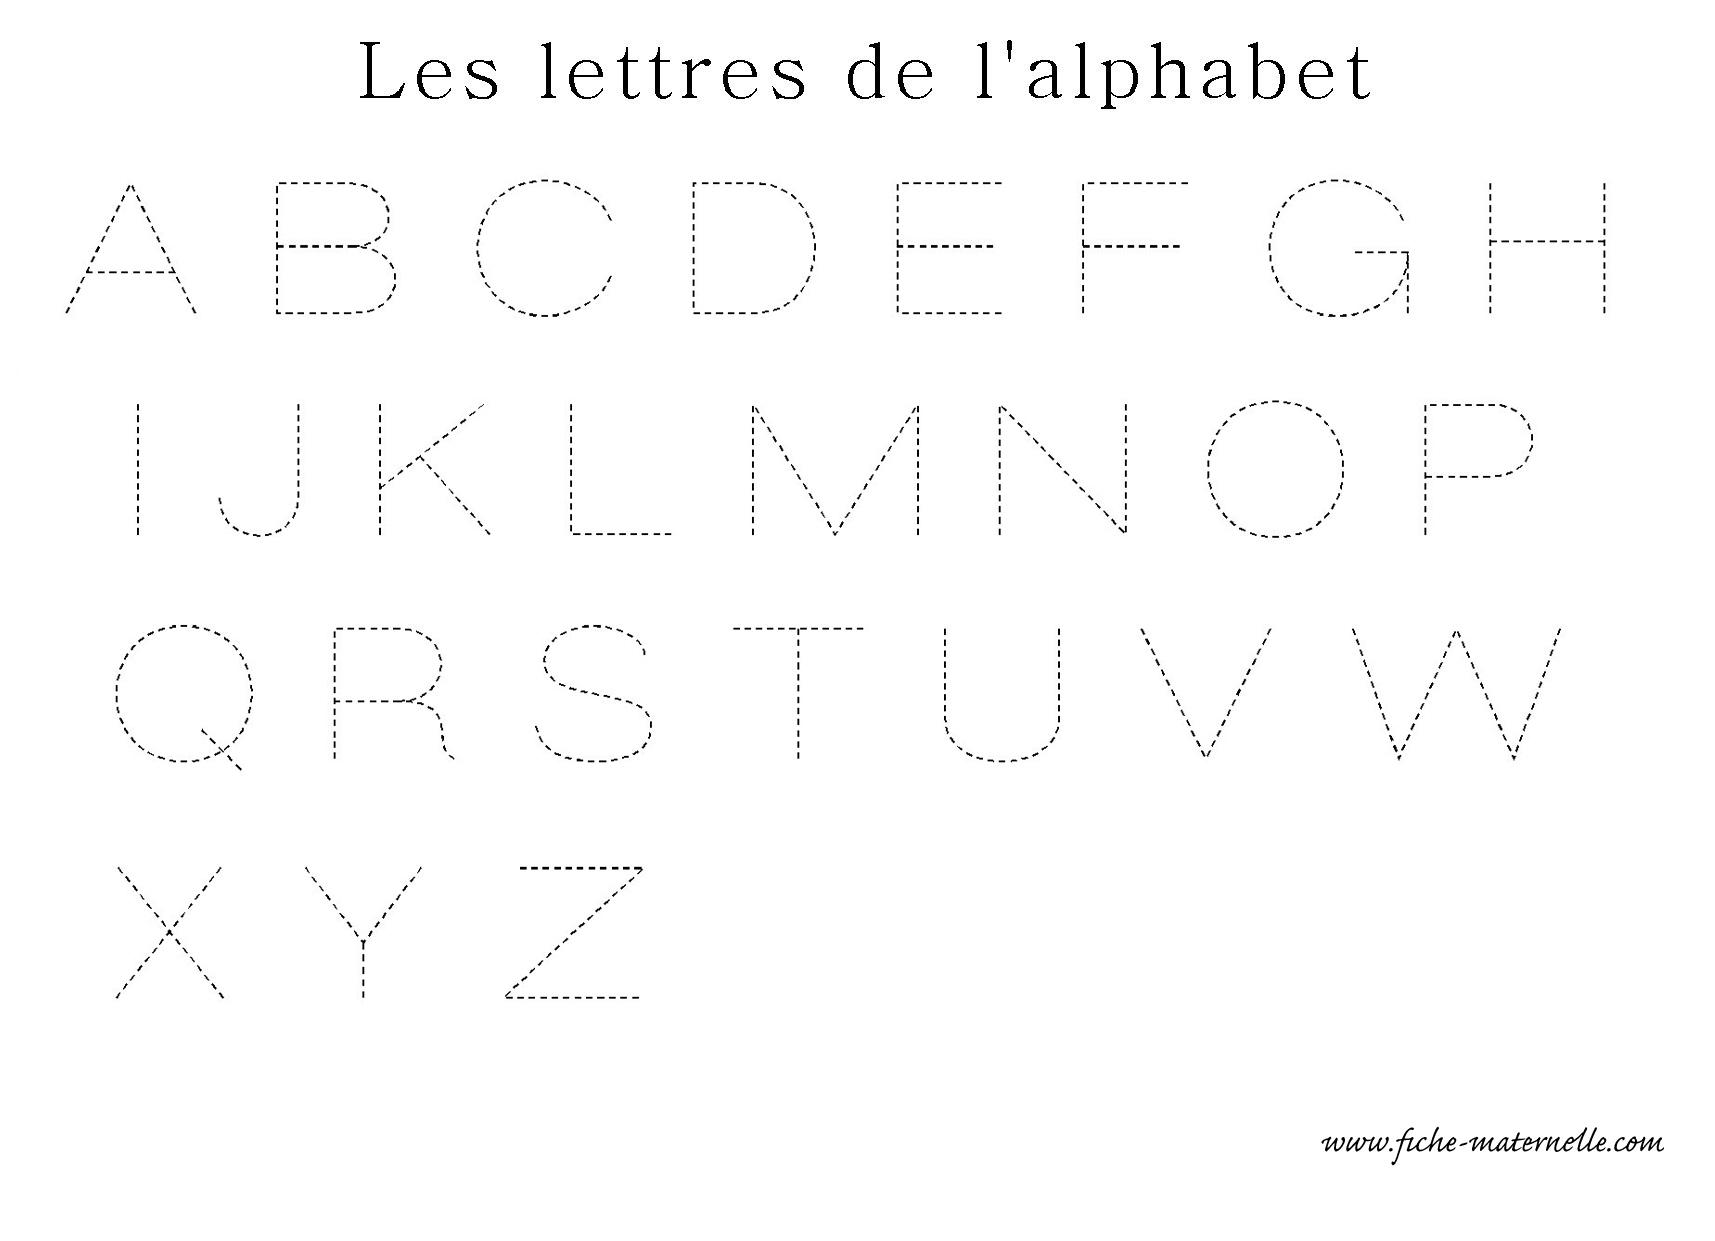 Apprendre a ecrire les lettres de l alphabet en ecriture - Alphabet majuscule a imprimer ...